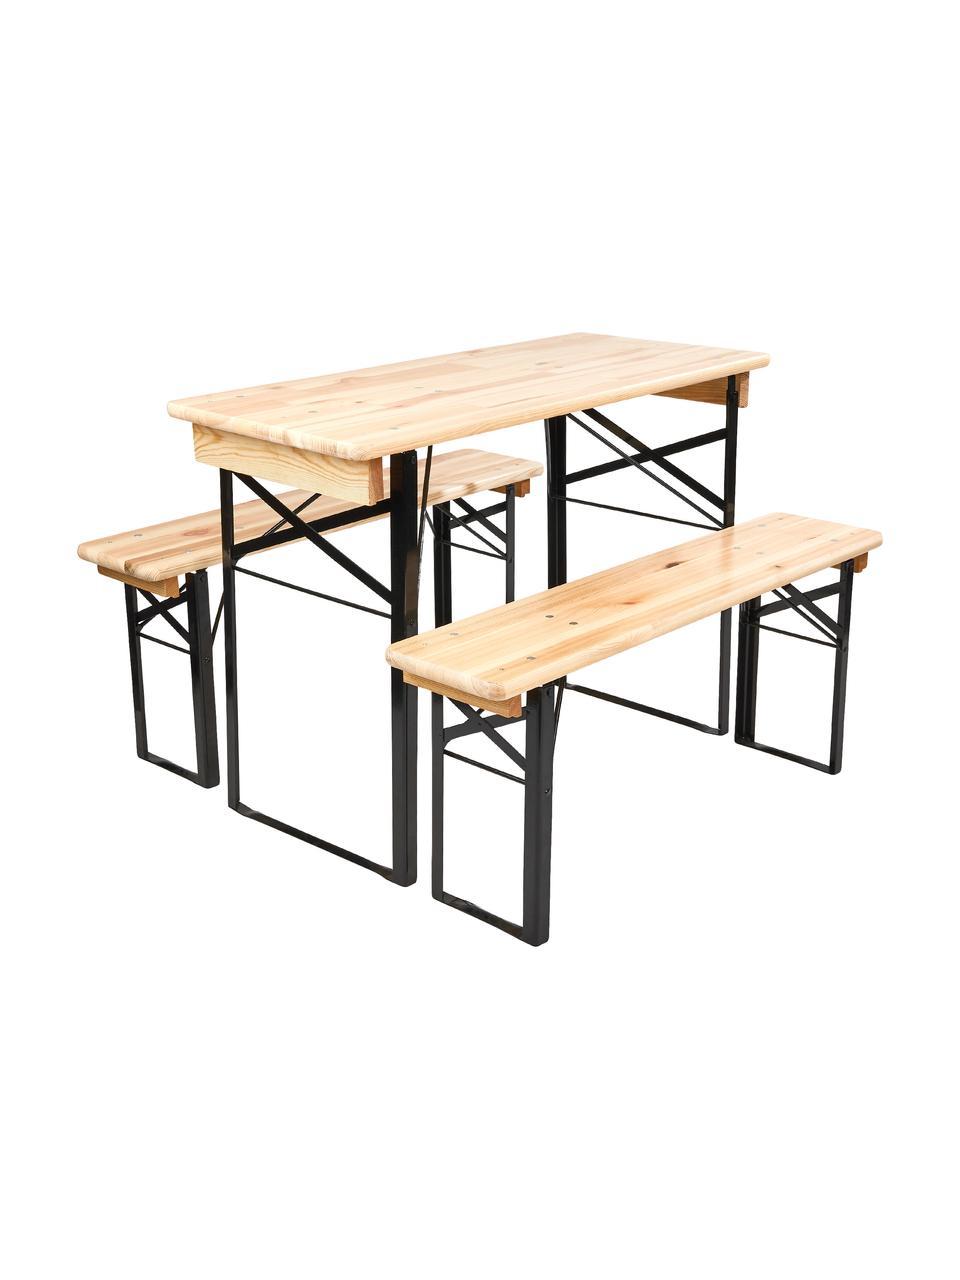 Mini komplet ogrodowy Good Company, Drewno sosnowe, metal lakierowany, Drewno sosnowe, czarny, Komplet z różnymi rozmiarami